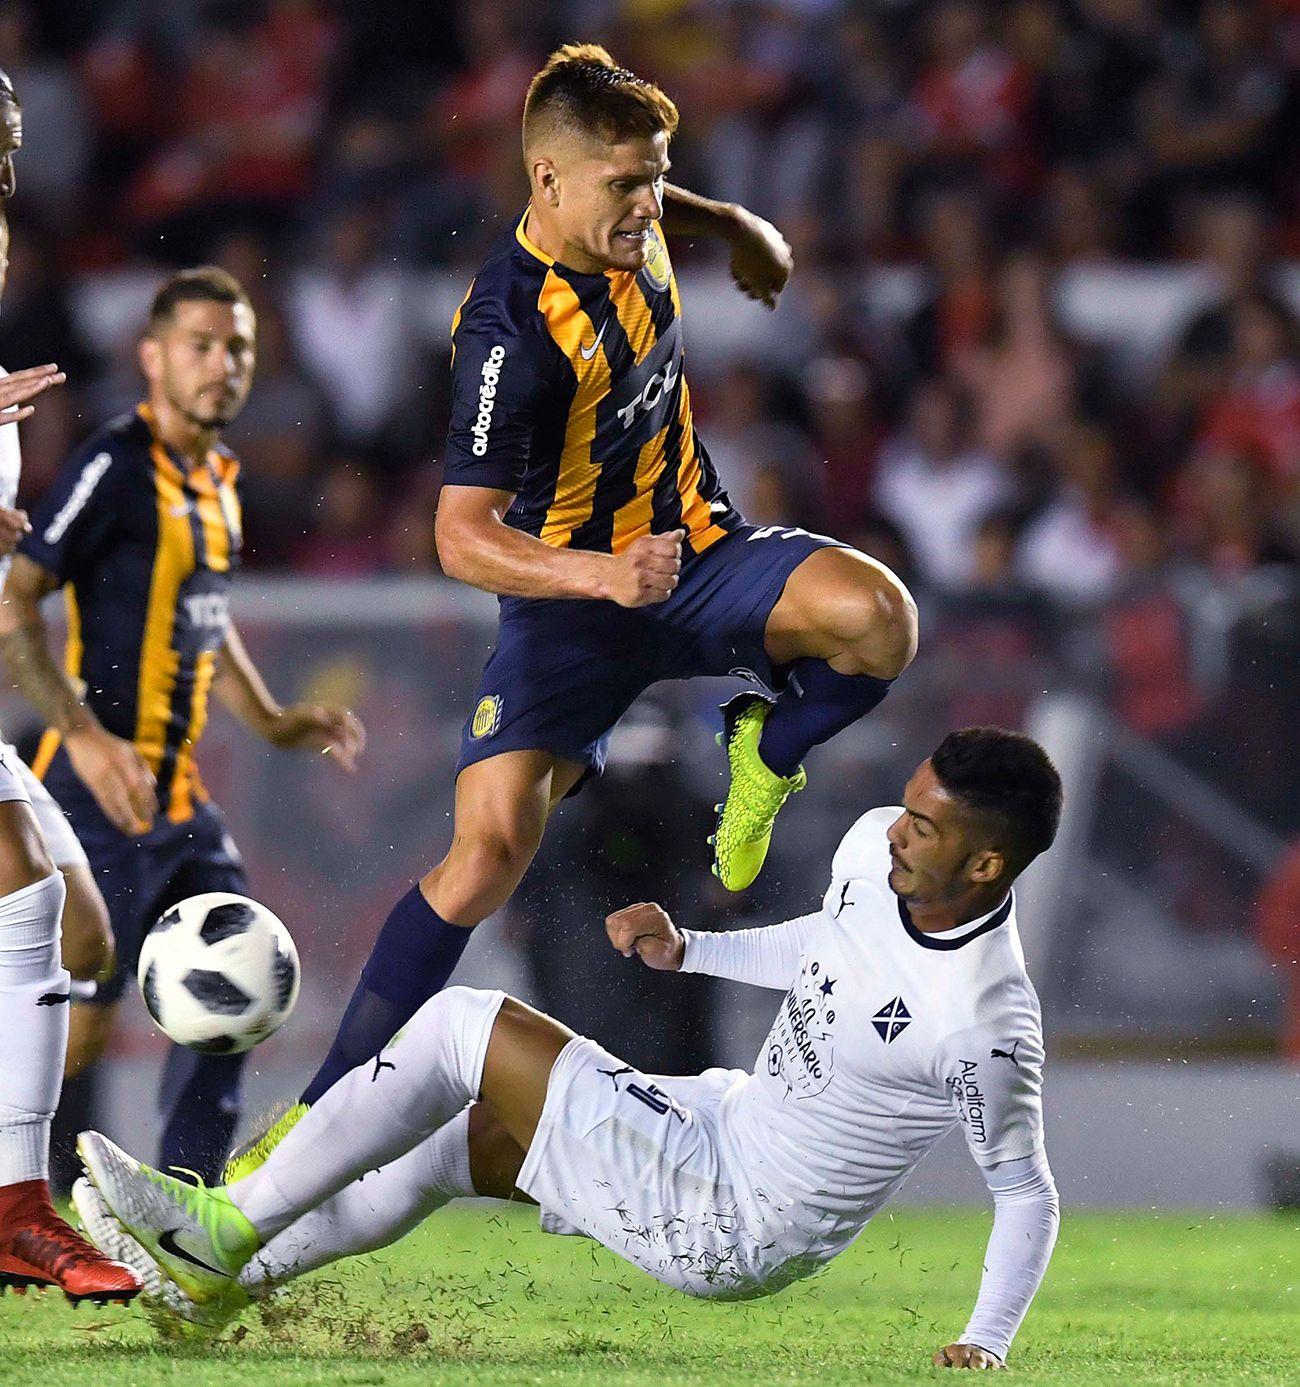 Éstos son los cuatros partidos de la 13º fecha de la Superliga que se podrán ver gratis